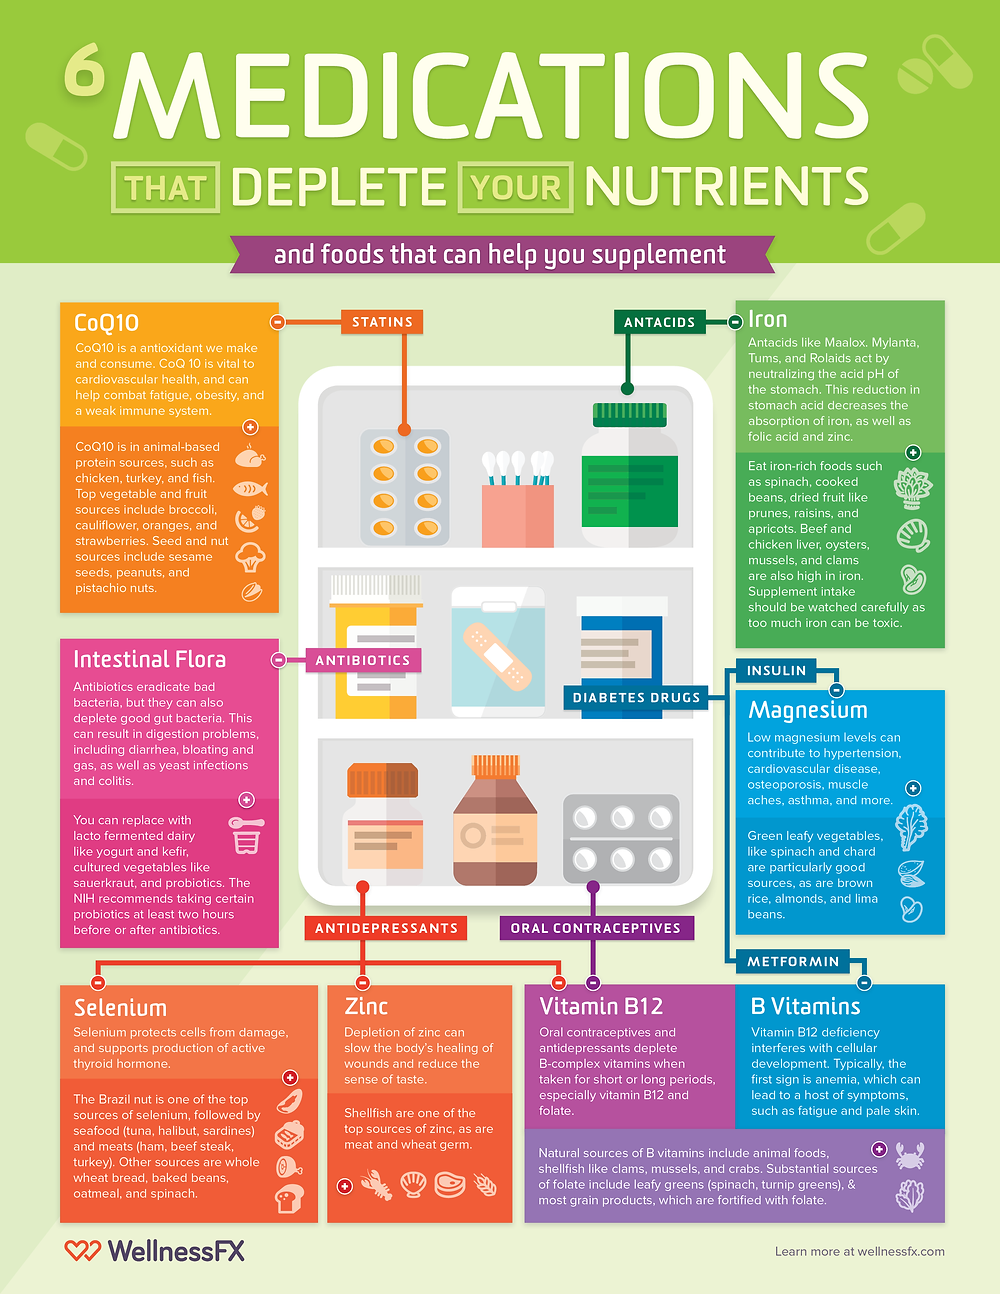 Meds that deplete your nutrients.png